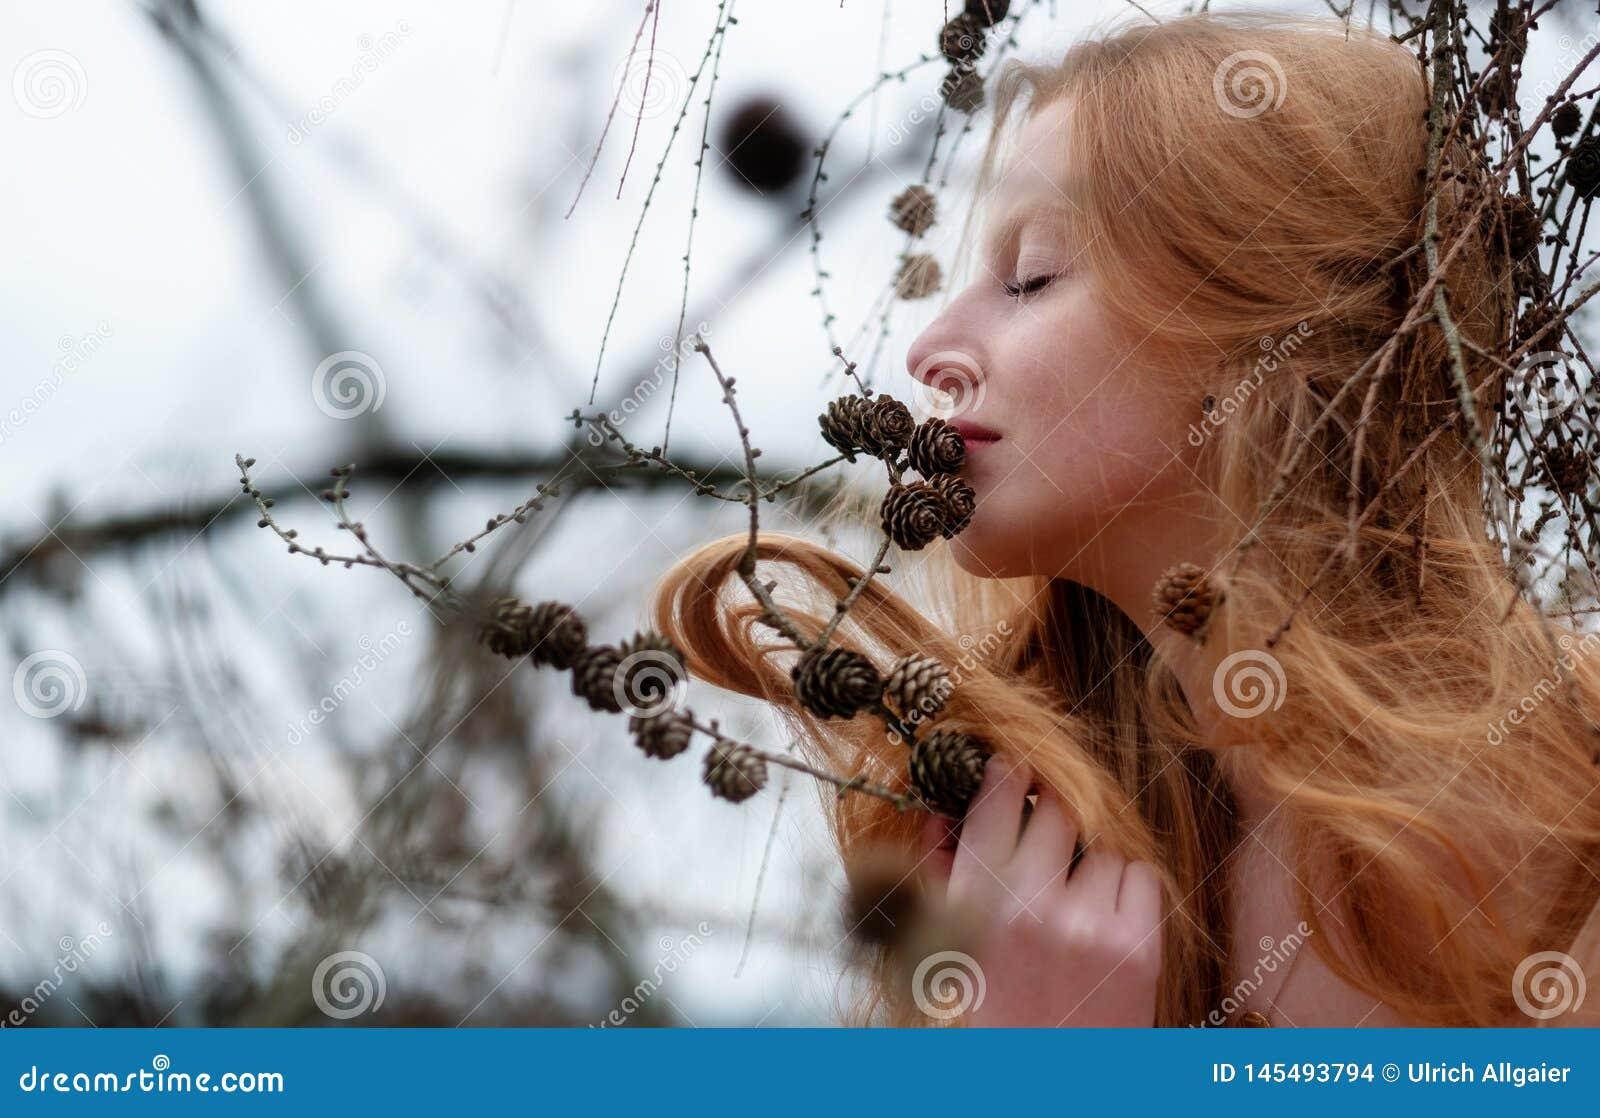 Το όμορφο νέο προκλητικό κοκκινομάλλες κορίτσι απολαμβάνει στα πεύκα και την όμορφη πανέμορφη κόκκινη τρίχα της που πιάνουν σε έν